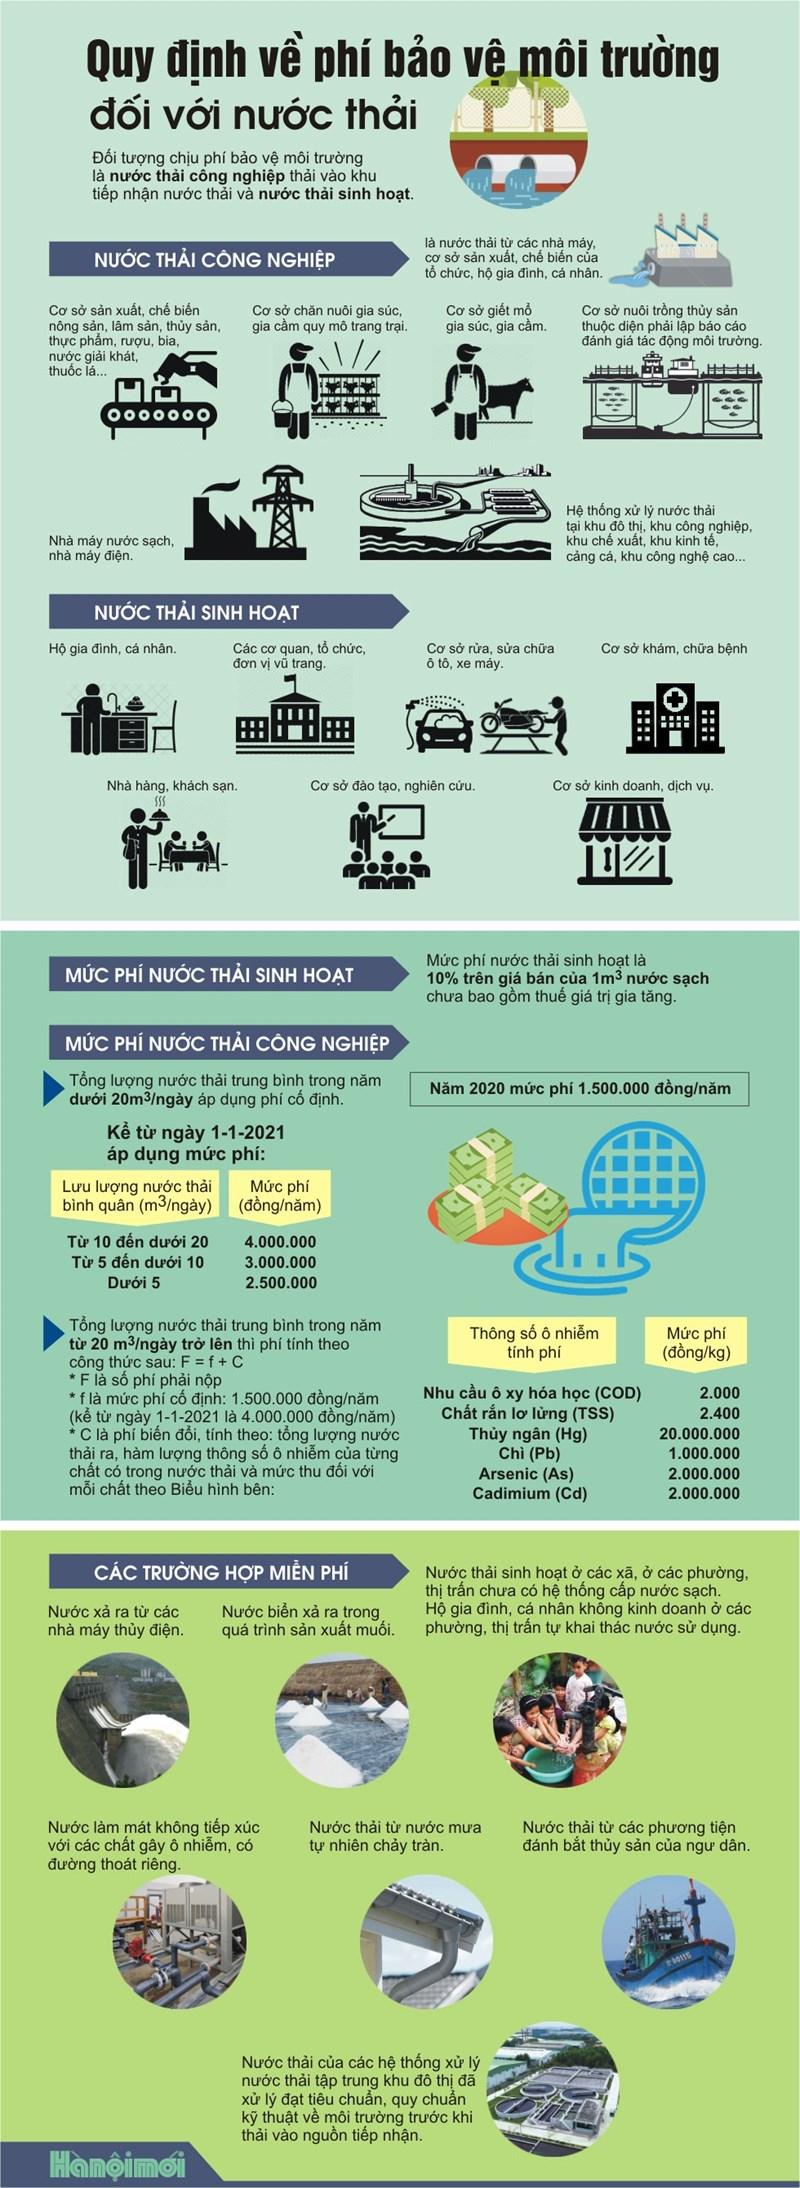 [Infographics] Quy định về phí bảo vệ môi trường đối với nước thải - Ảnh 1